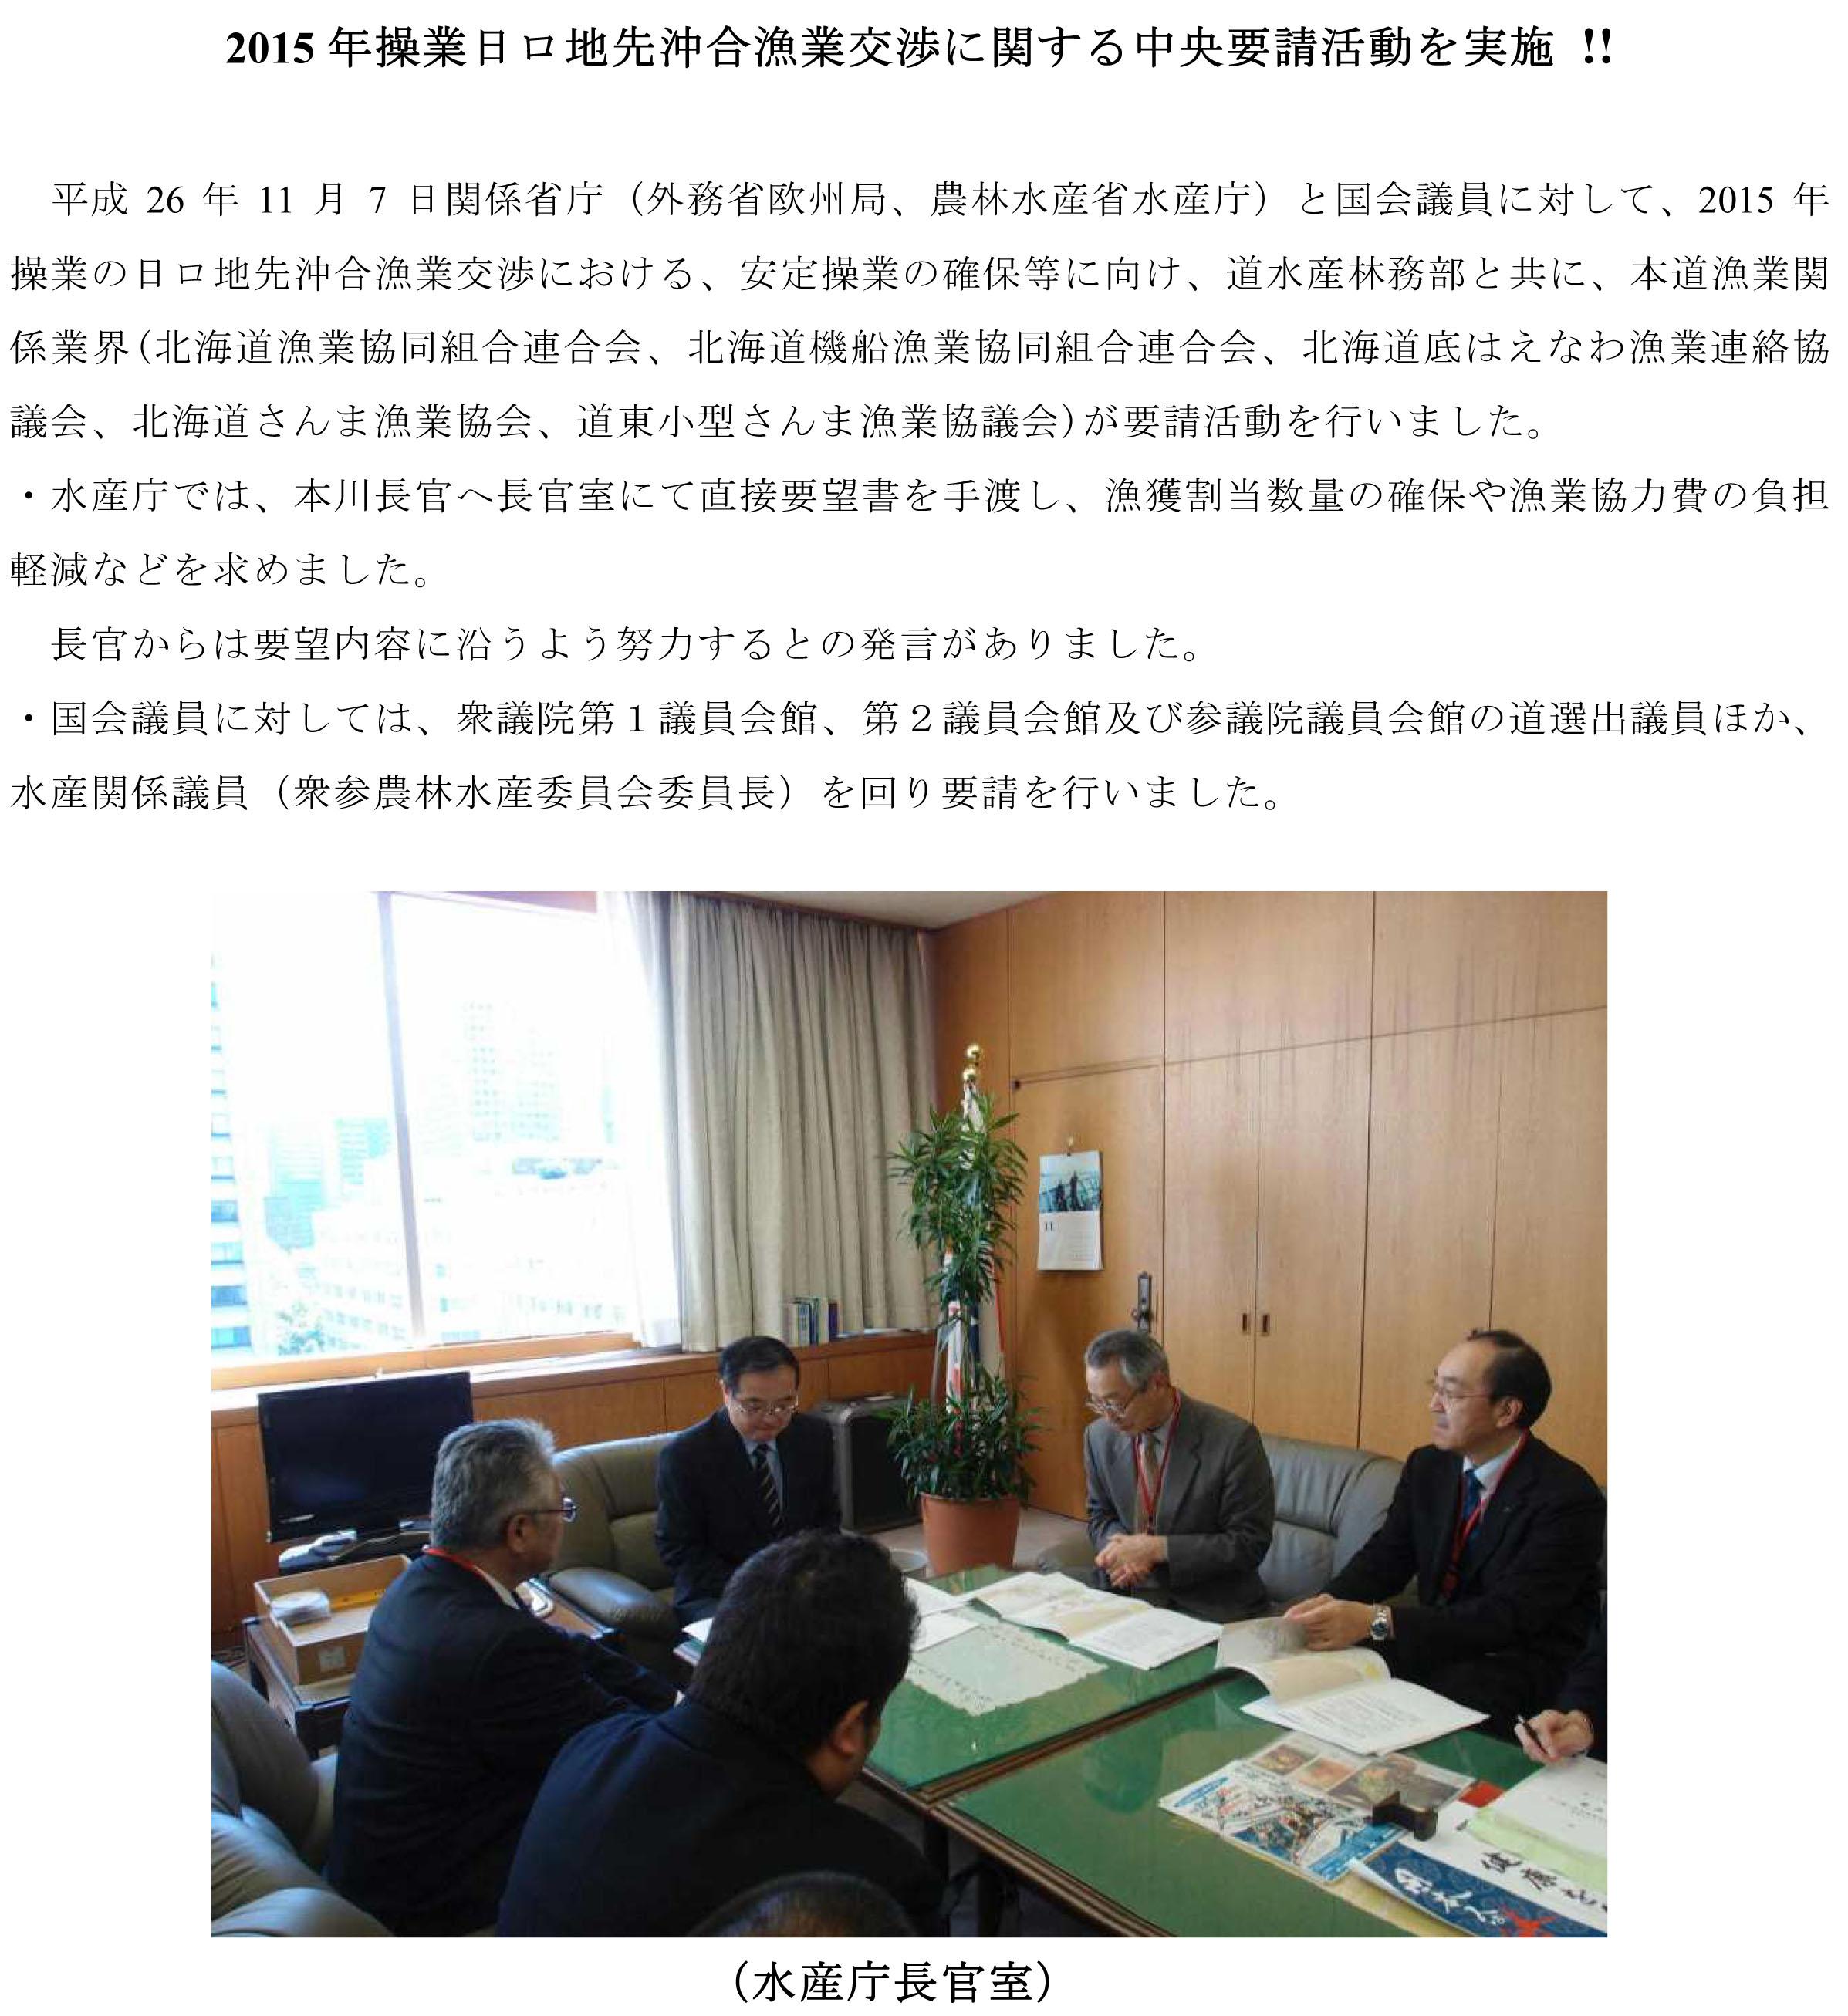 日ロ地先沖合漁業交渉